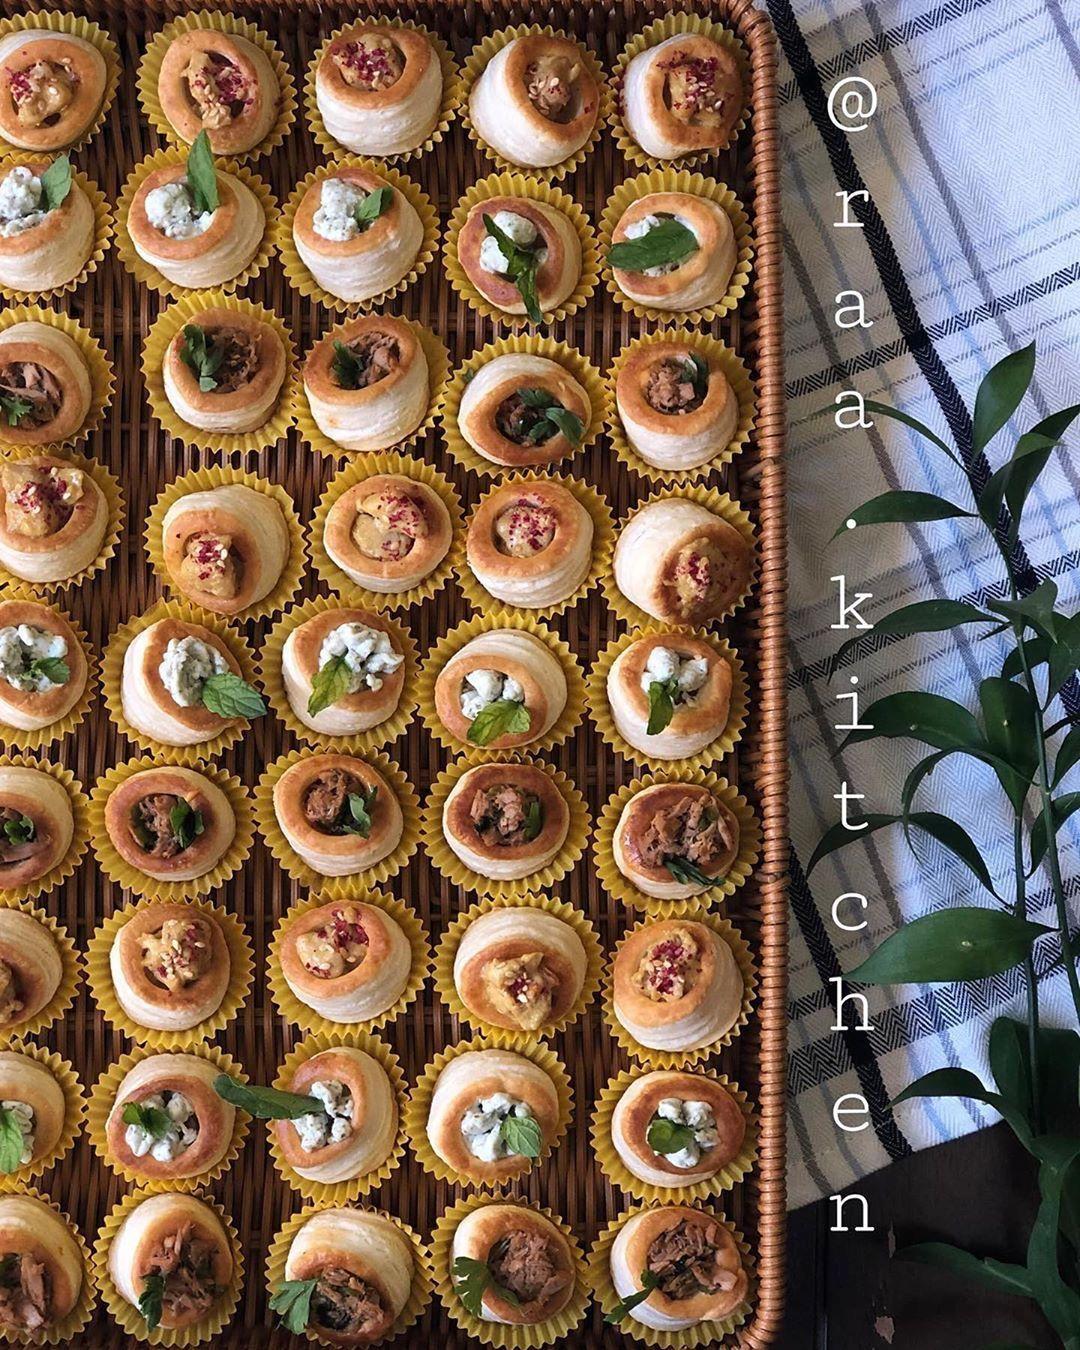 سنعآت On Instagram سنعآت اهلا وسهلا قوالب الباستري موالح لطيفة جدا بالمذاق والشكل والحجم Raa Kitchen المق Food And Drink Foo Food